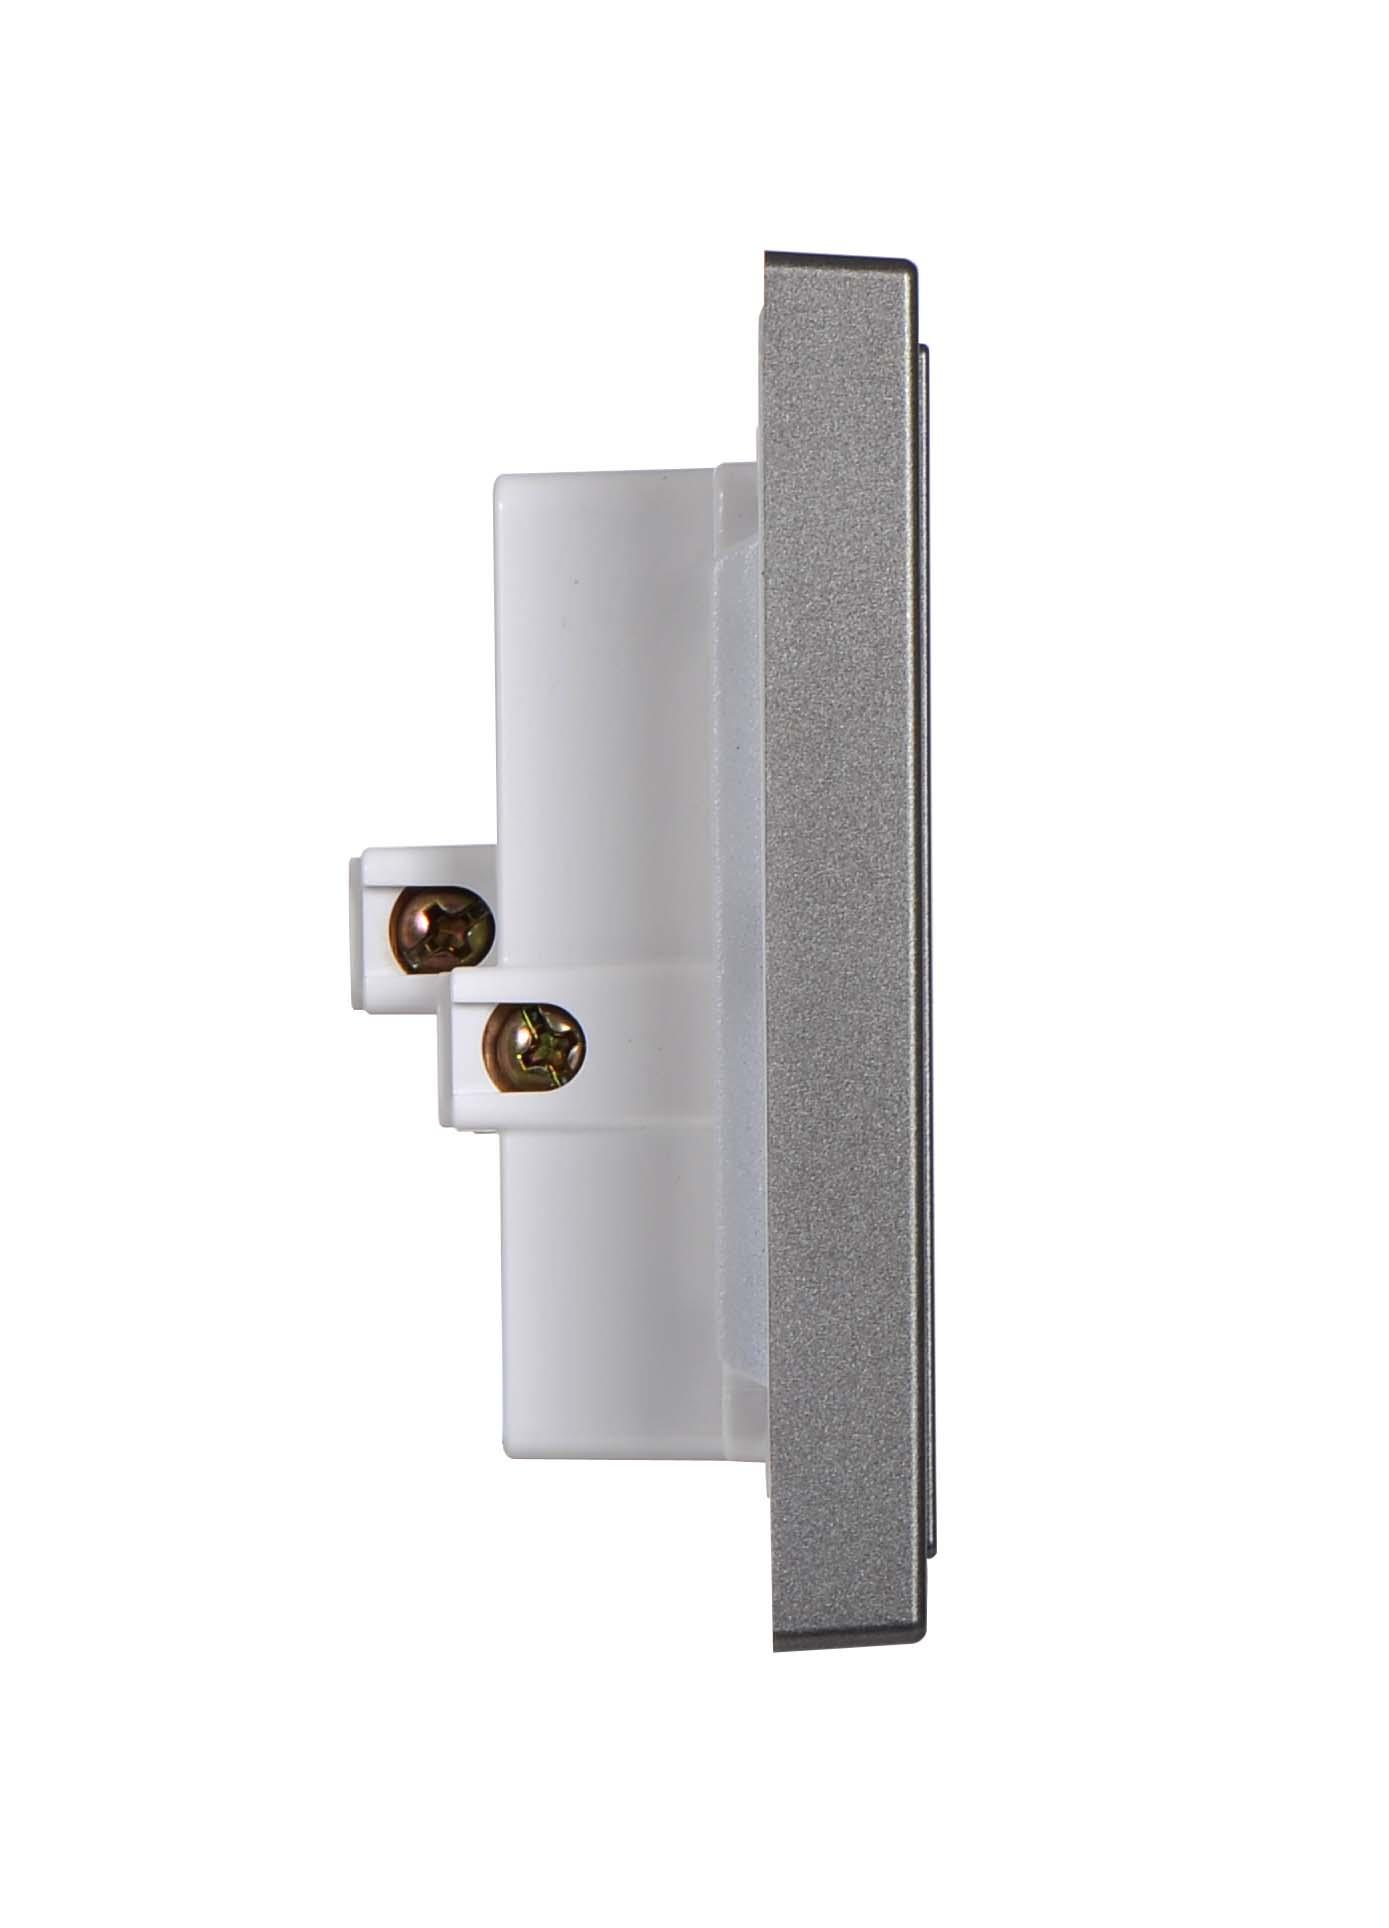 Bộ ổ cắm đôi 3 chấu chuẩn Âu-Mỹ 16A(Bao gồm 1 module và 1 khung) 711287